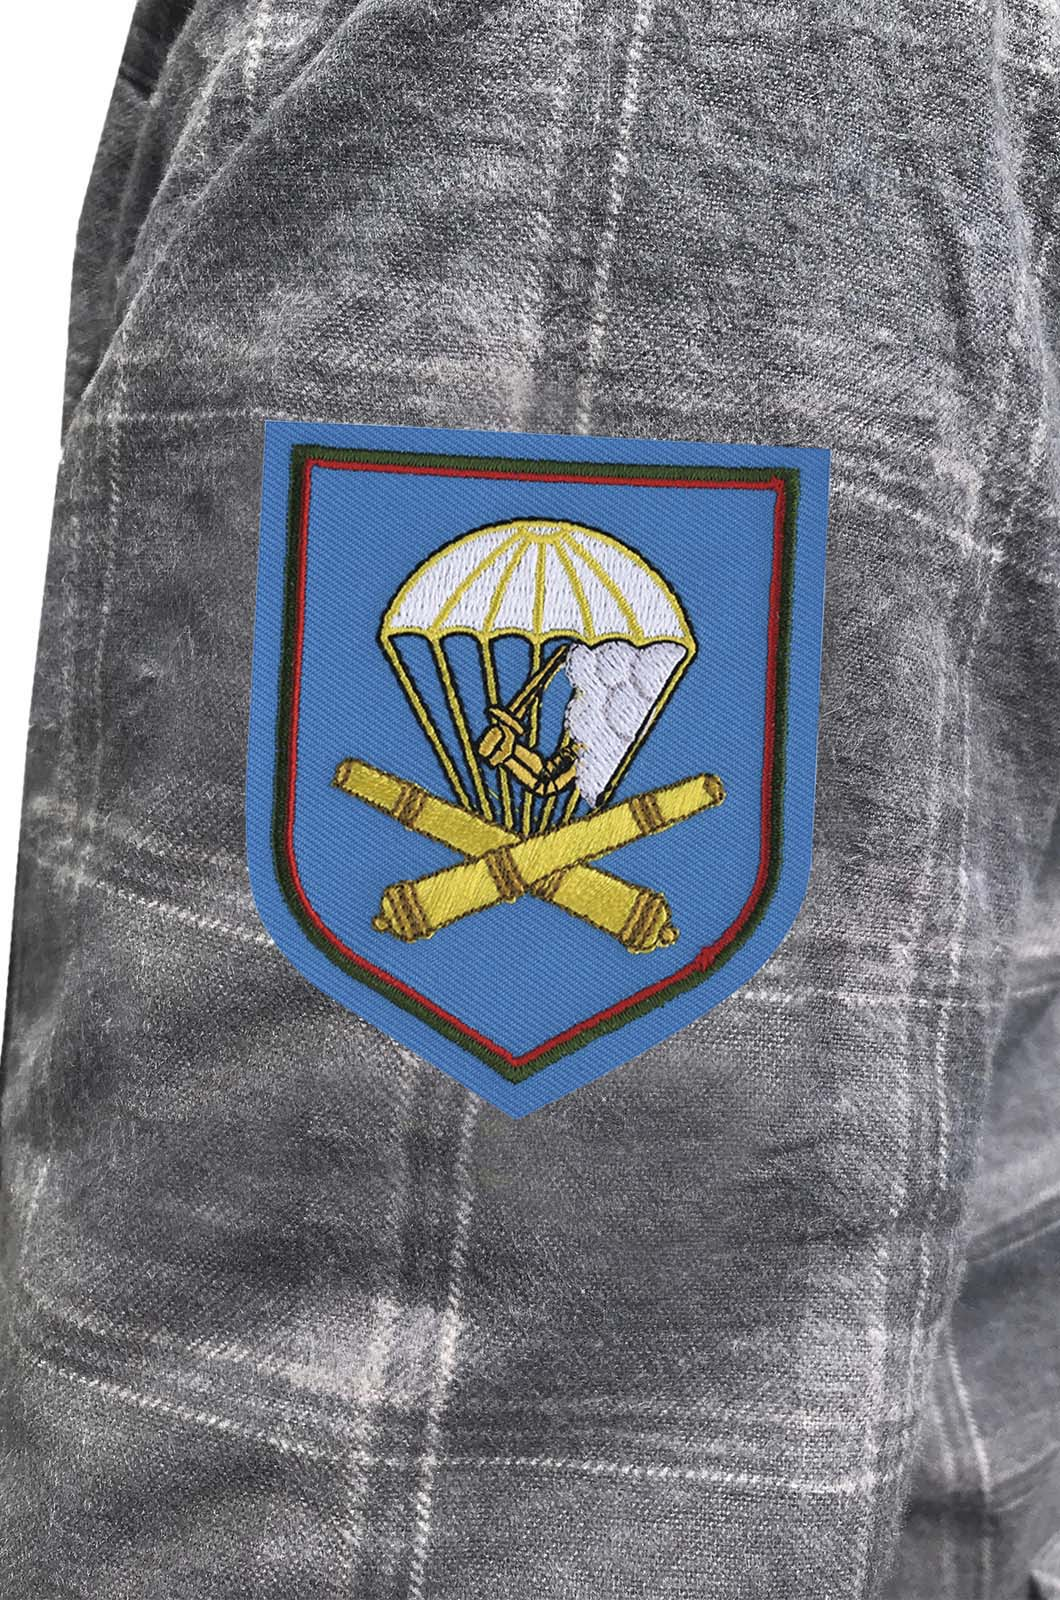 Надежная рубашка с вышитым шевроном 1065 Артполк 98 ВДД ВДВ - купить в подарок